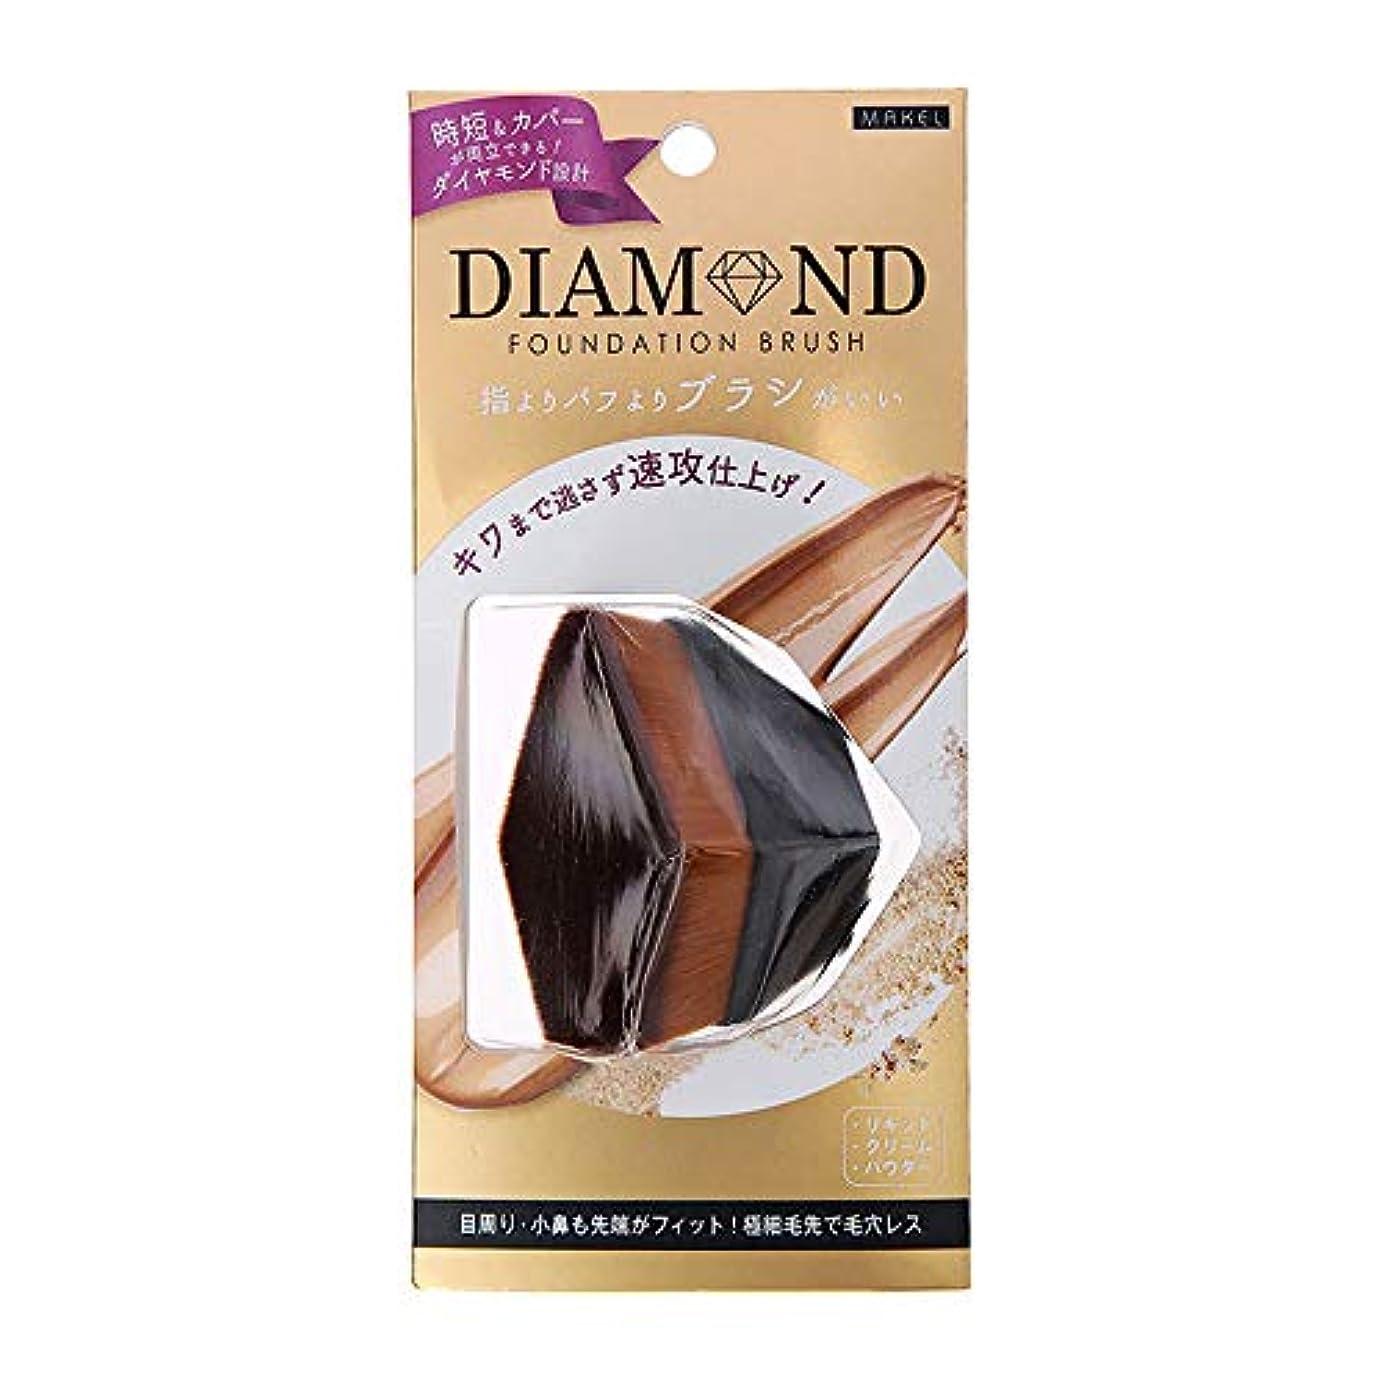 ハッチ有害便利ダイヤモンドファンデーションブラシ(ブラック) DIB1500